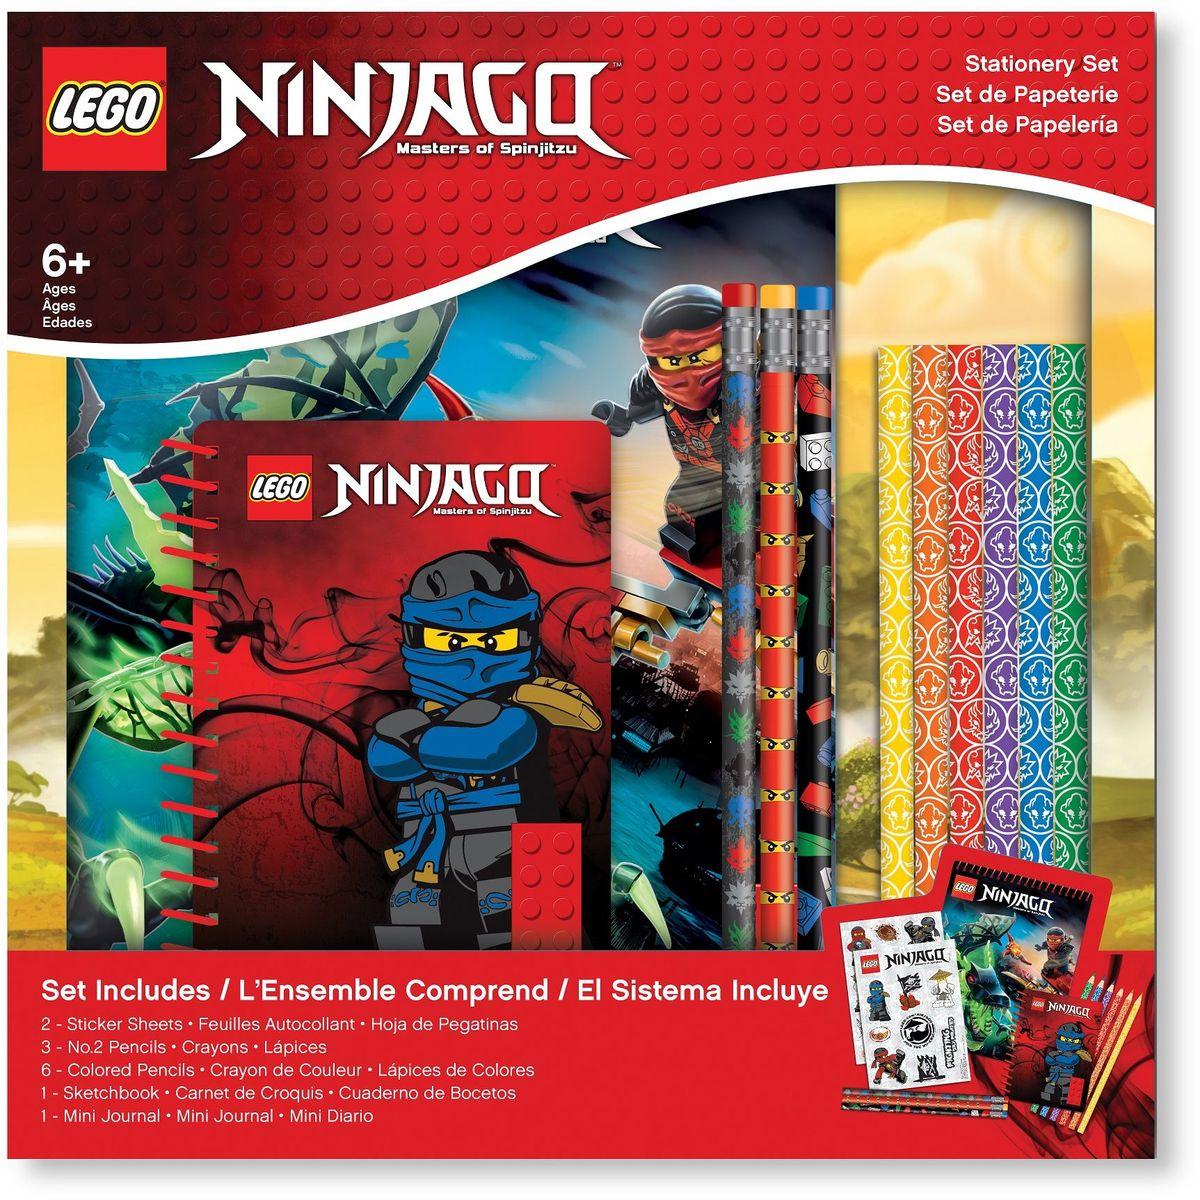 LEGO Ninjago Канцелярский набор 13 предметов 51631